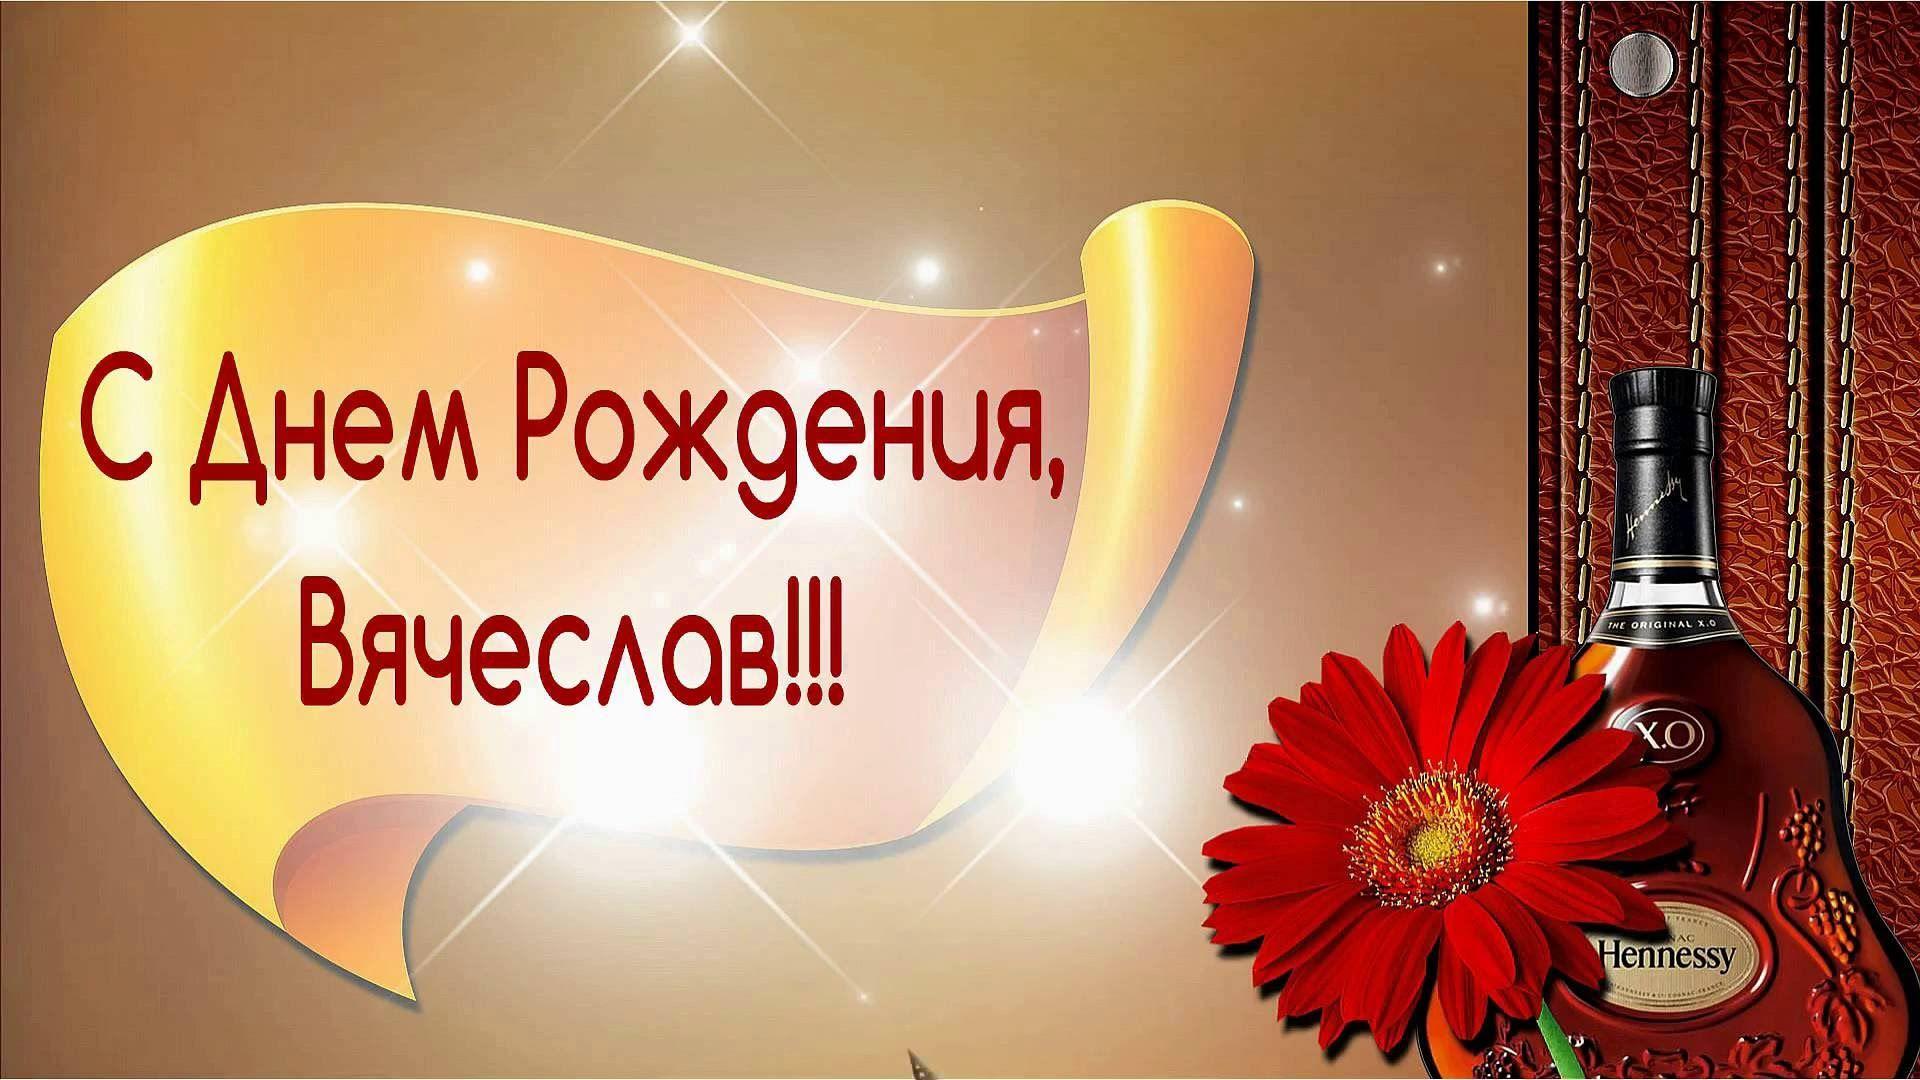 Прикольное поздравление с наступающим новым годом свиньи греха таить